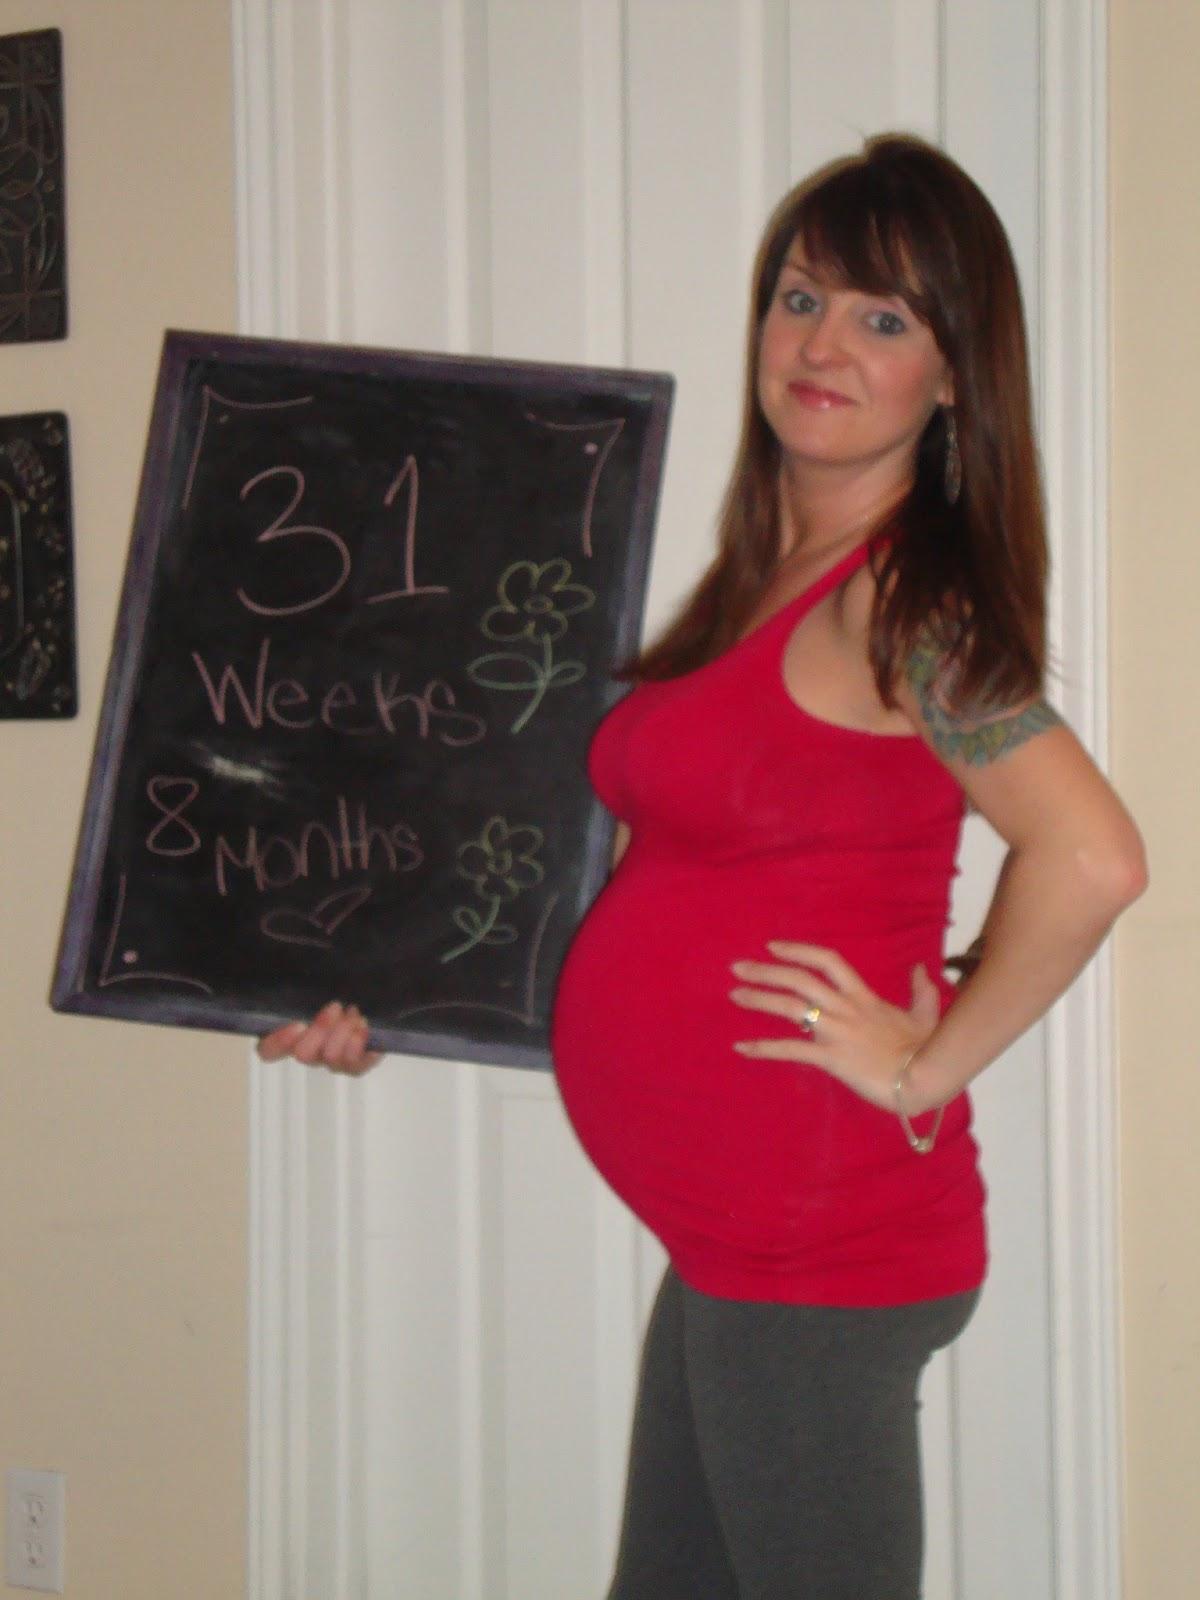 Amici Bello: 31 Weeks Pregnant